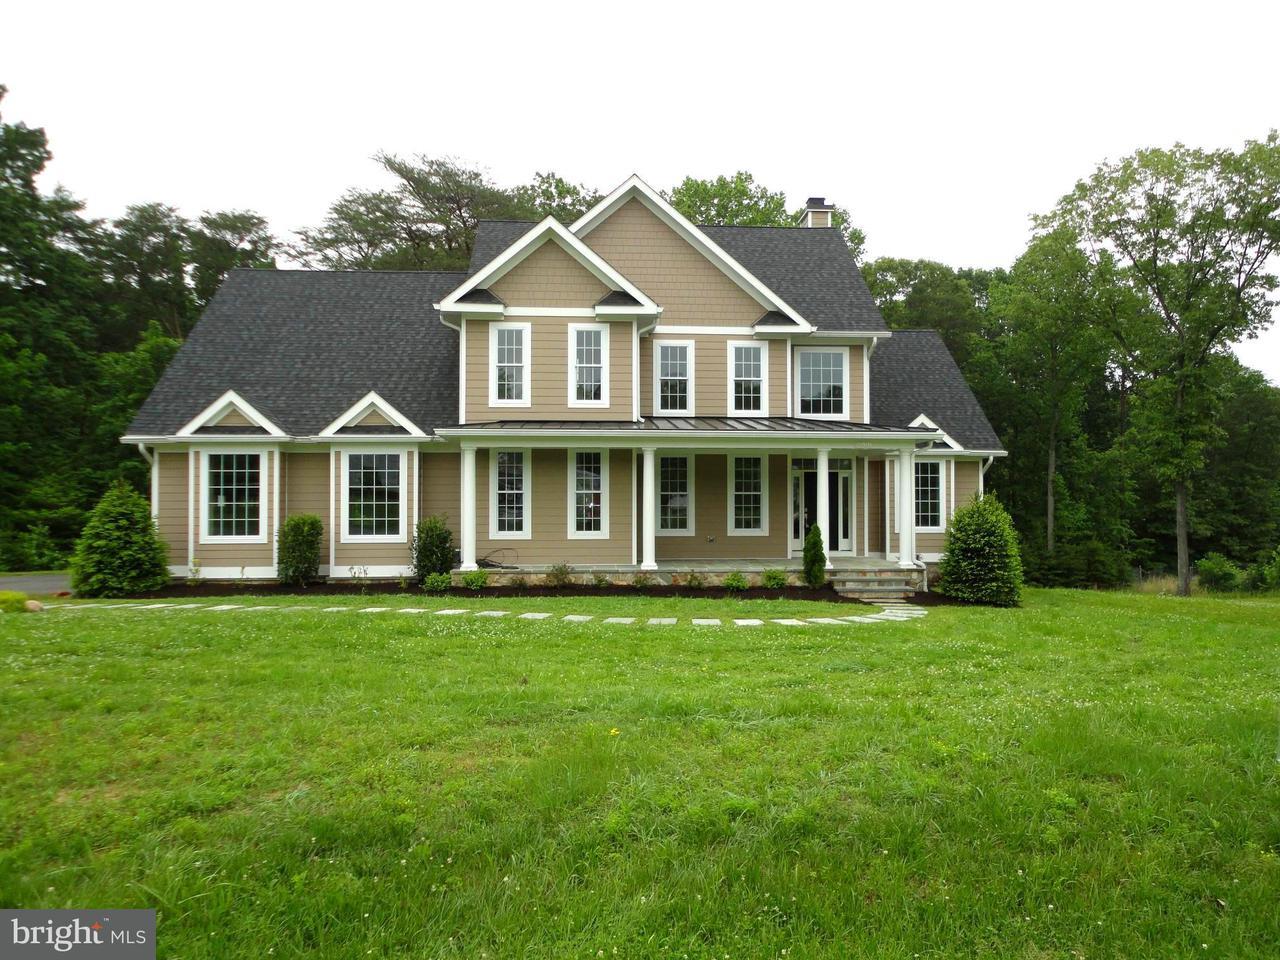 独户住宅 为 销售 在 1008 Saint Anne Lane 1008 Saint Anne Lane Millersville, 马里兰州 21108 美国